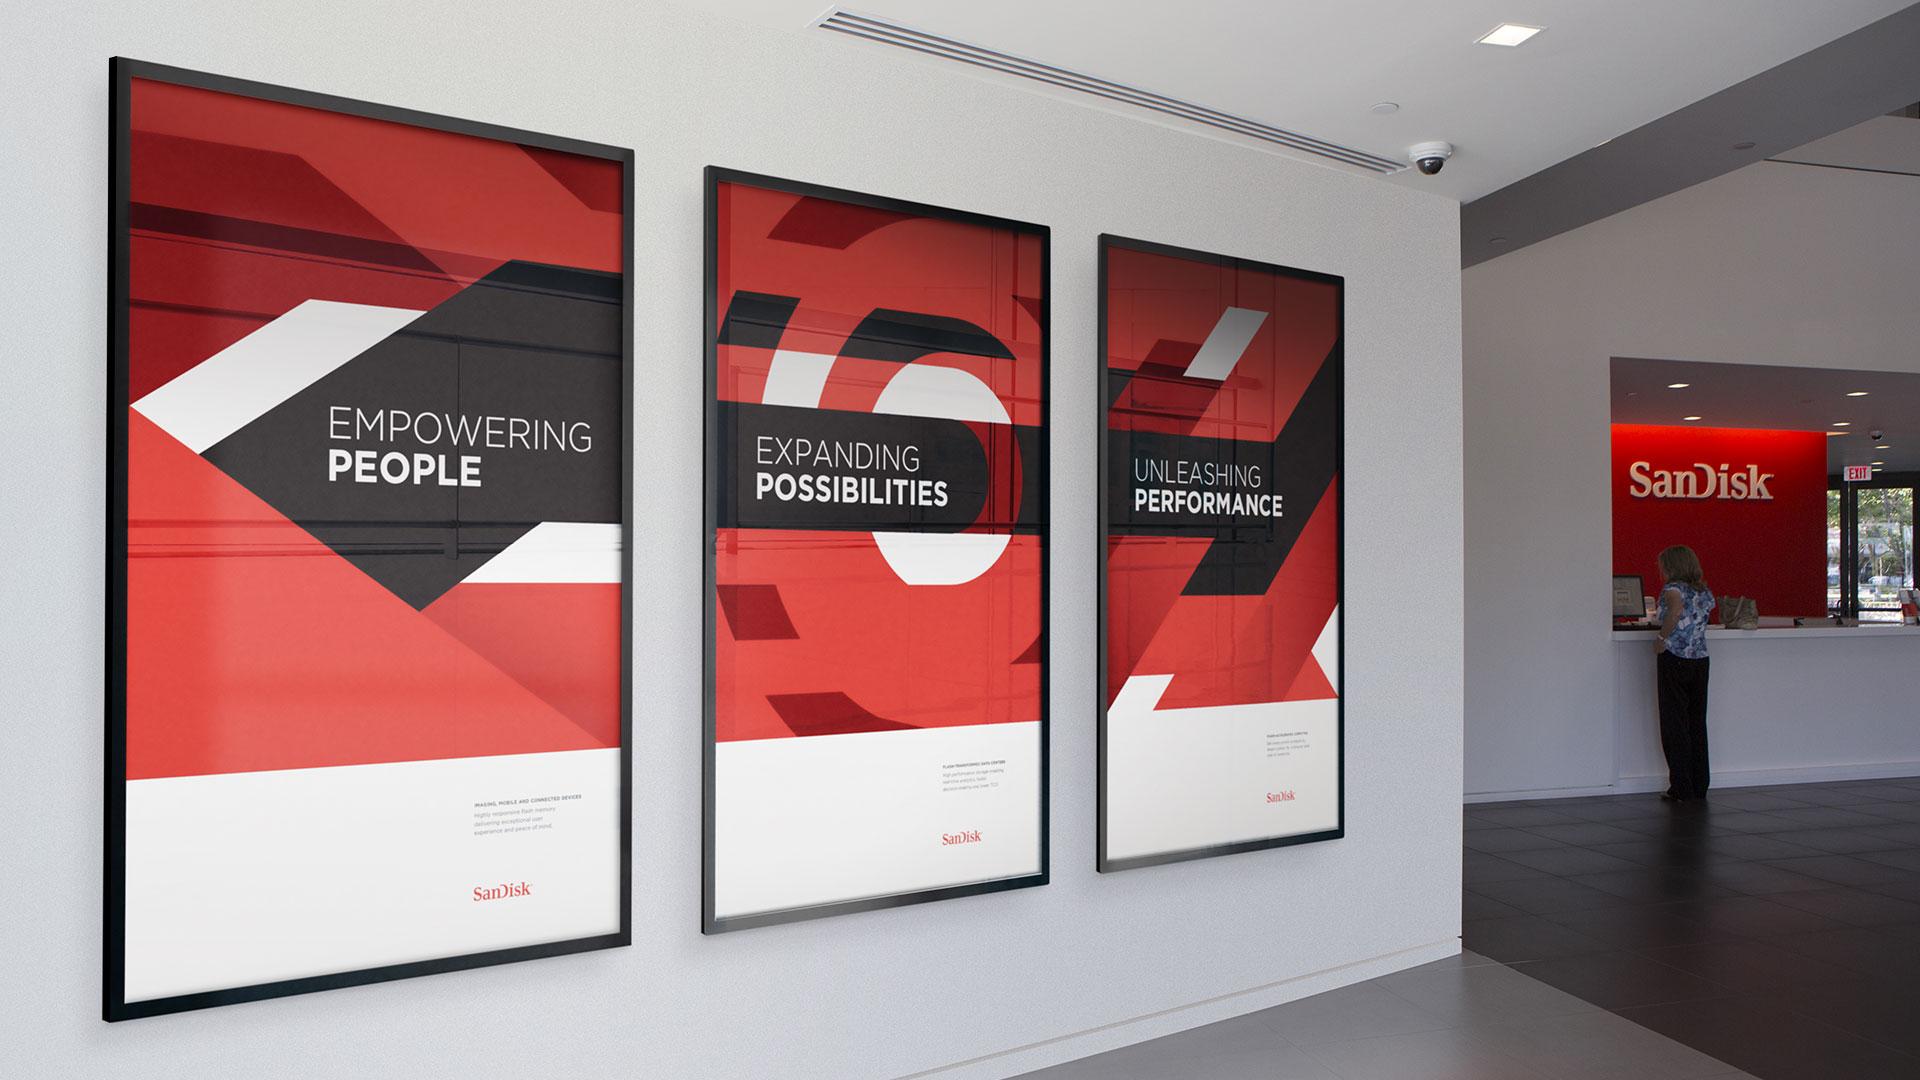 SanDisk-vision-posters